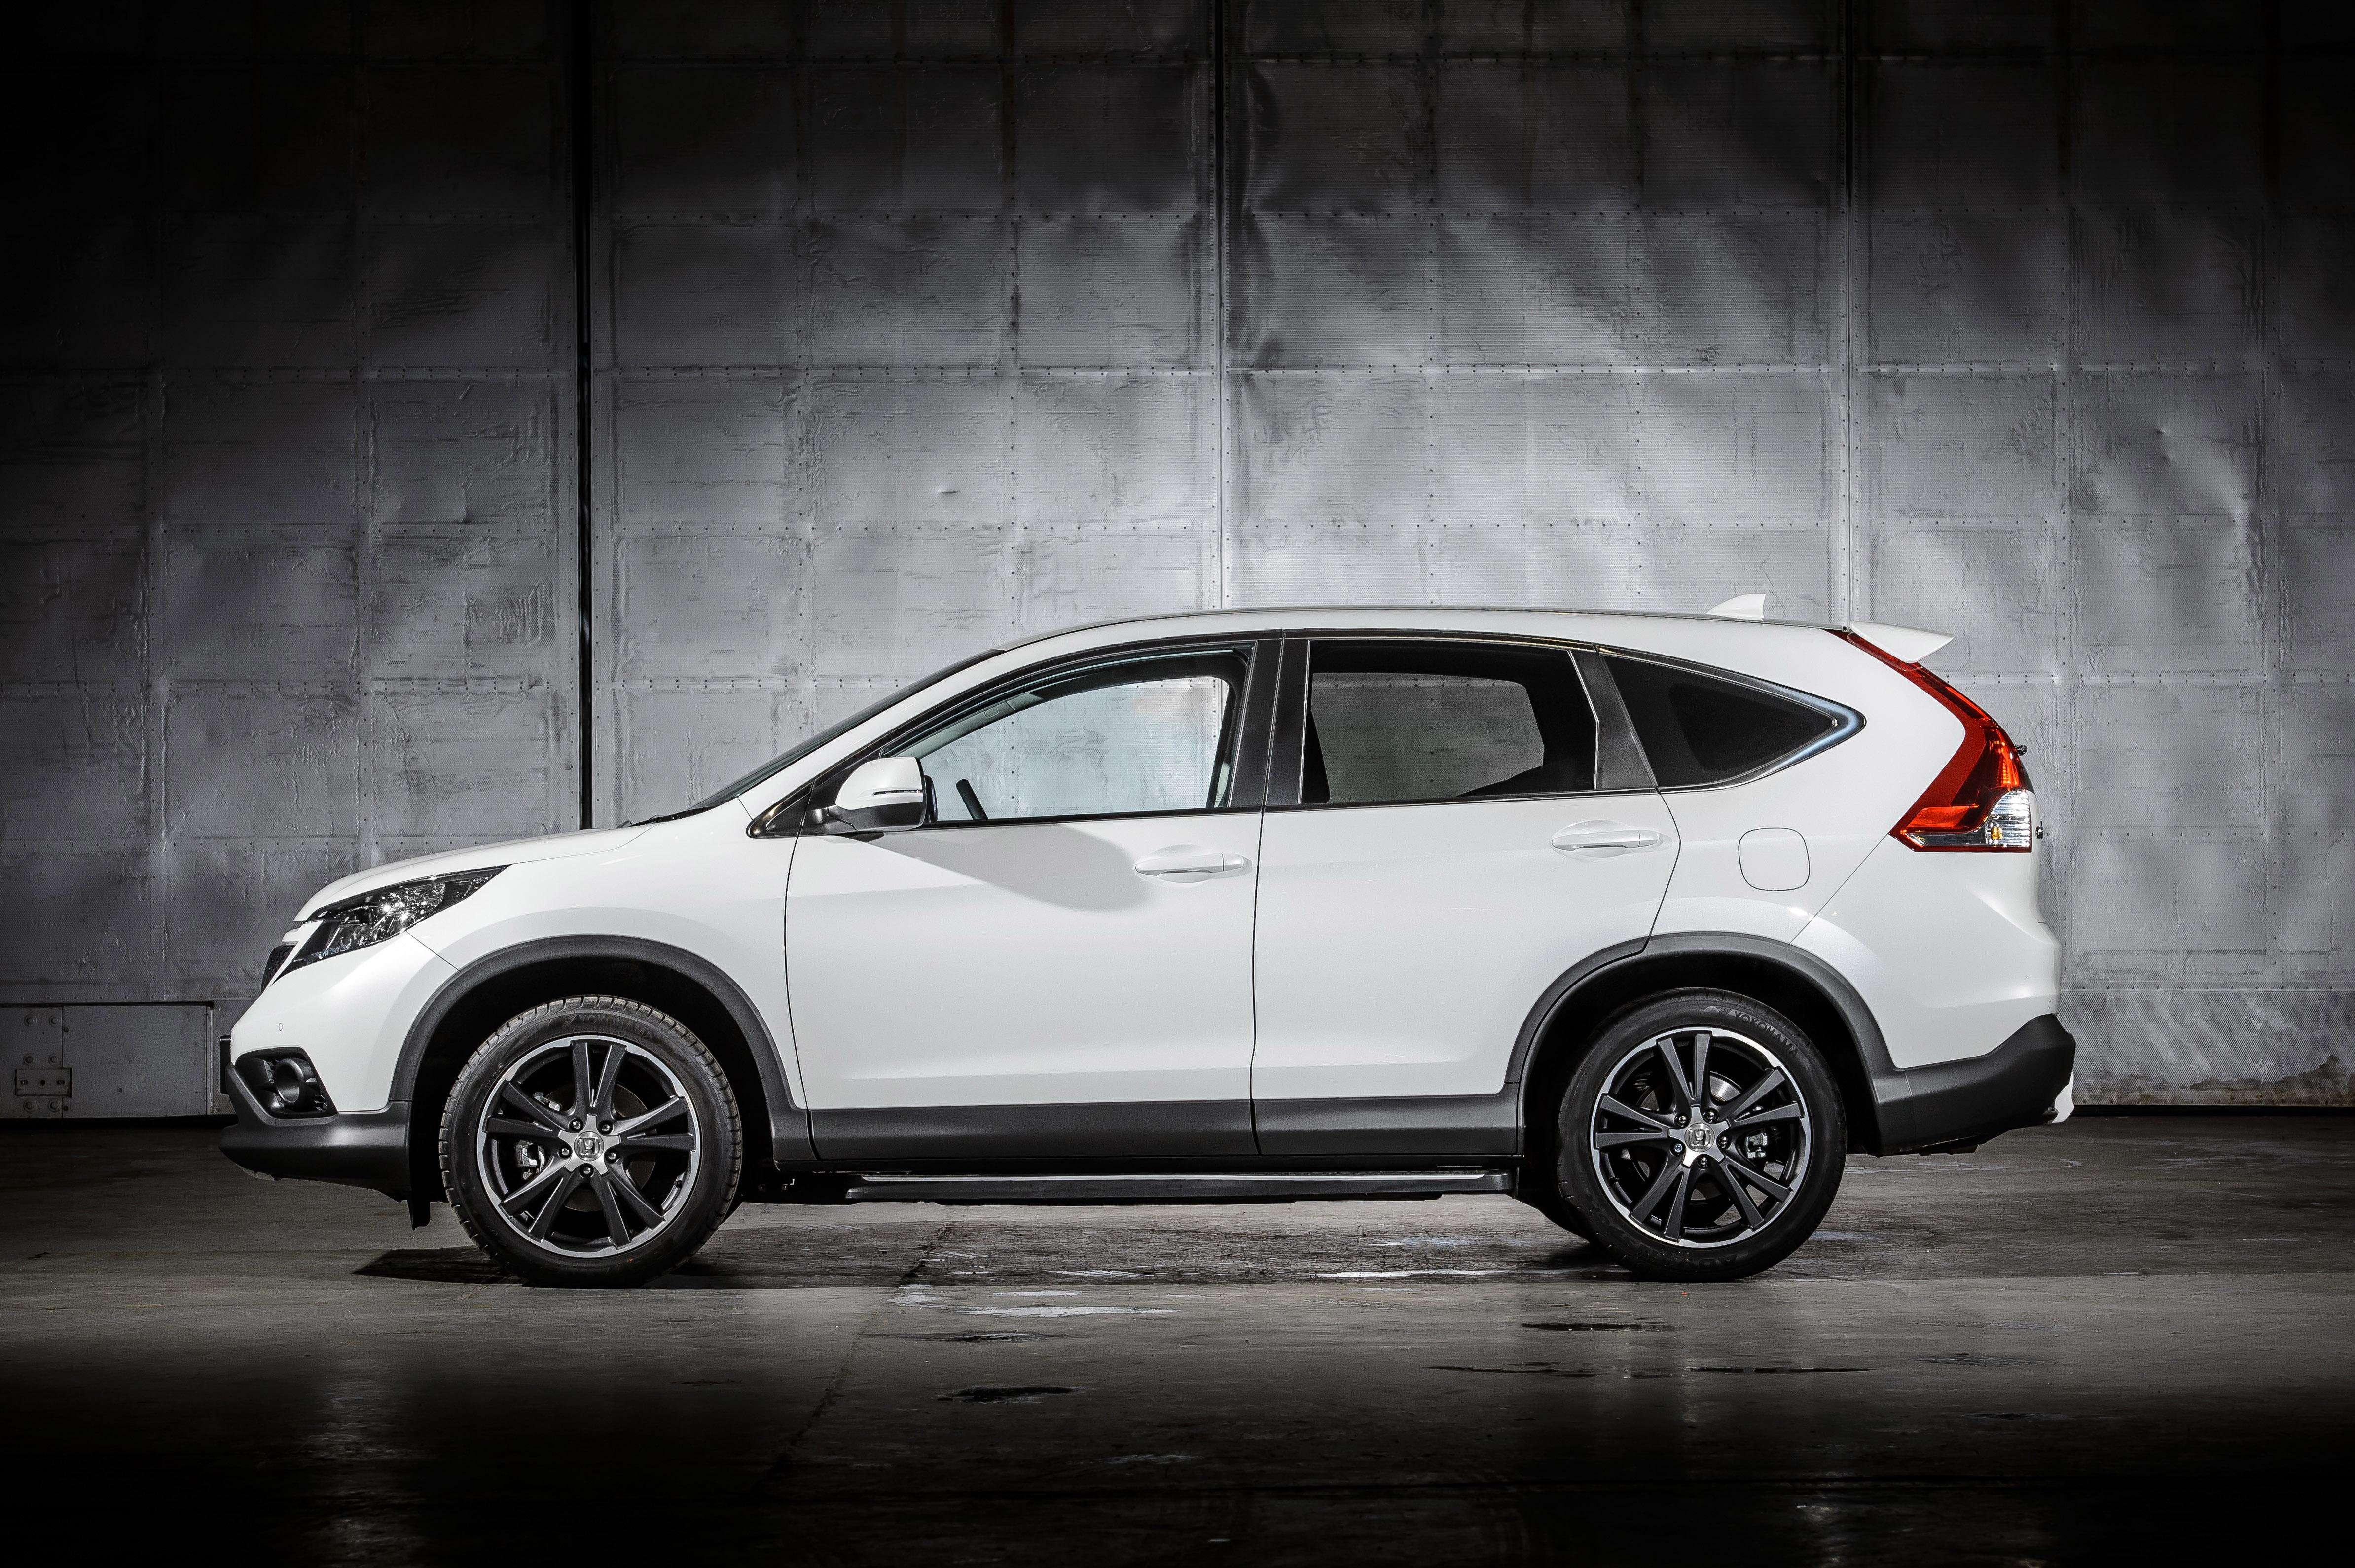 Honda cr v lease deals osv ltd for Honda crv lease offers